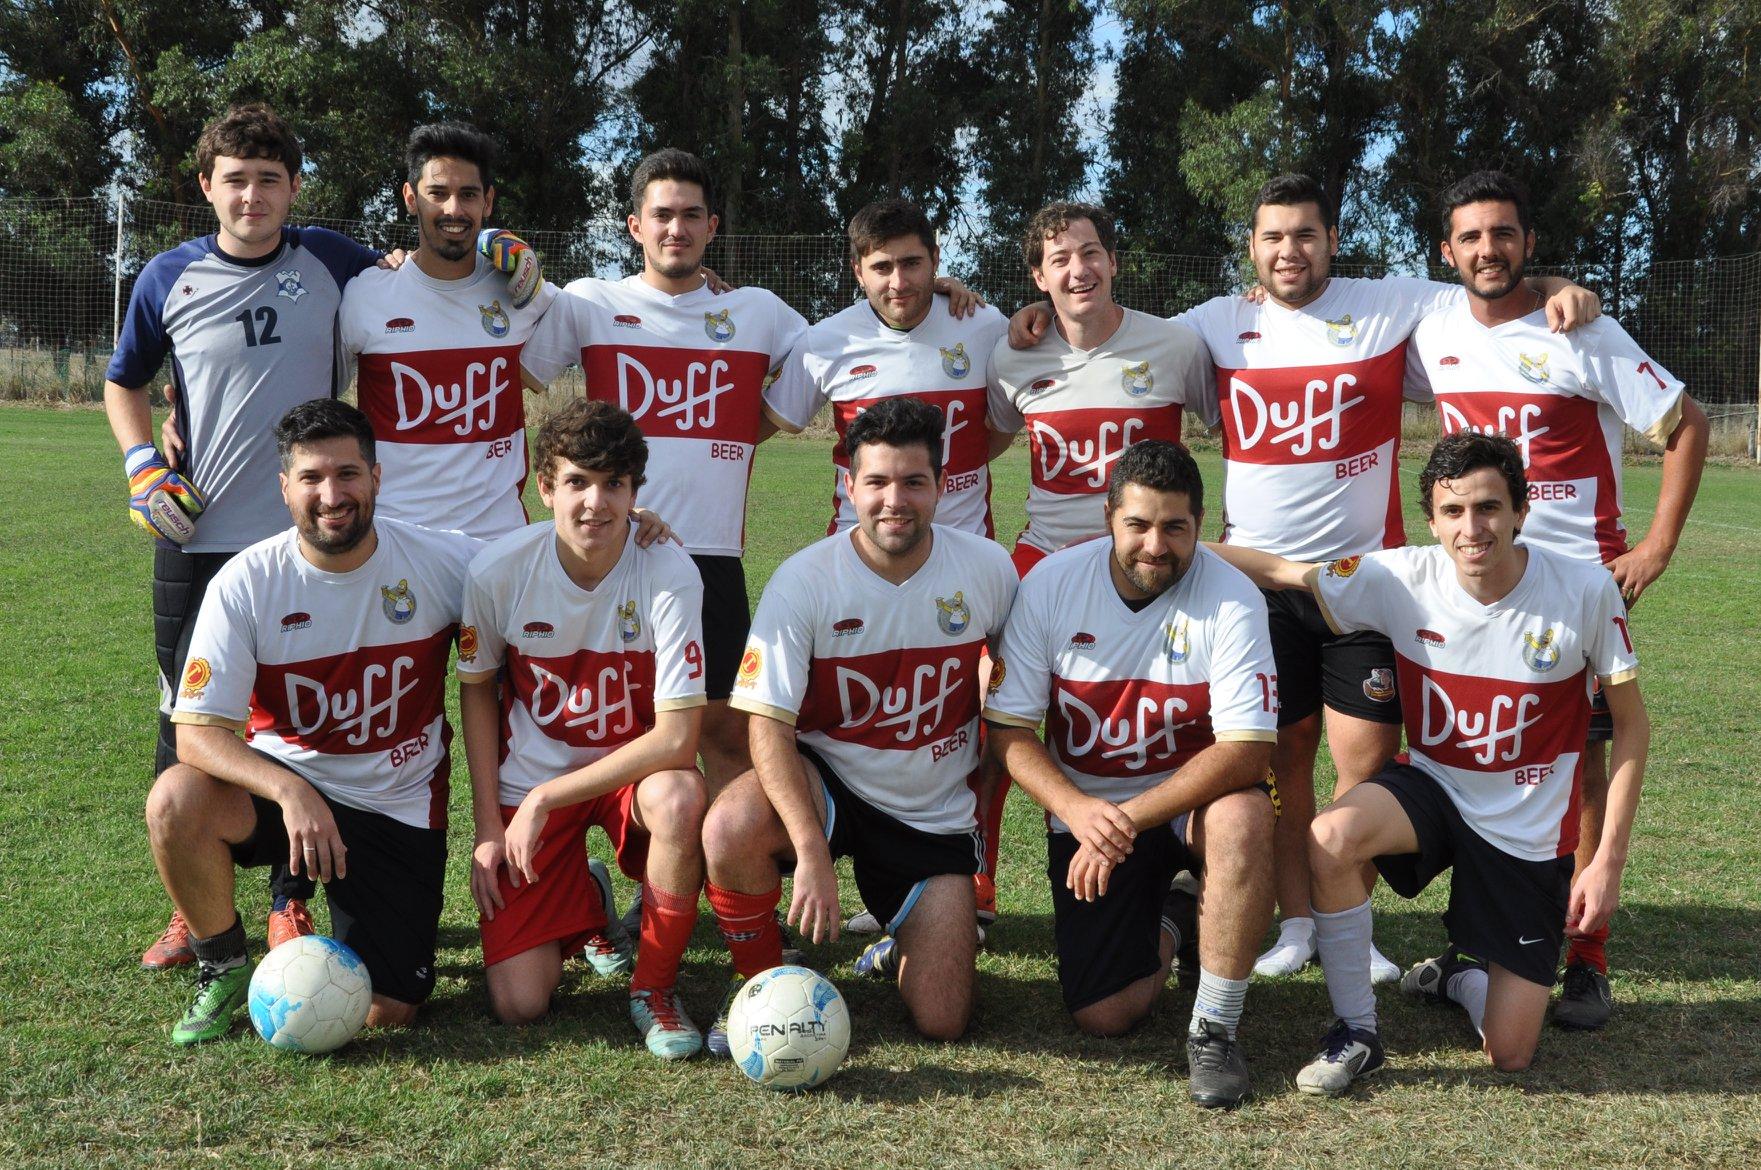 La categoría Libre del Fútbol 11 Serrano estuvo plagada de goleadas